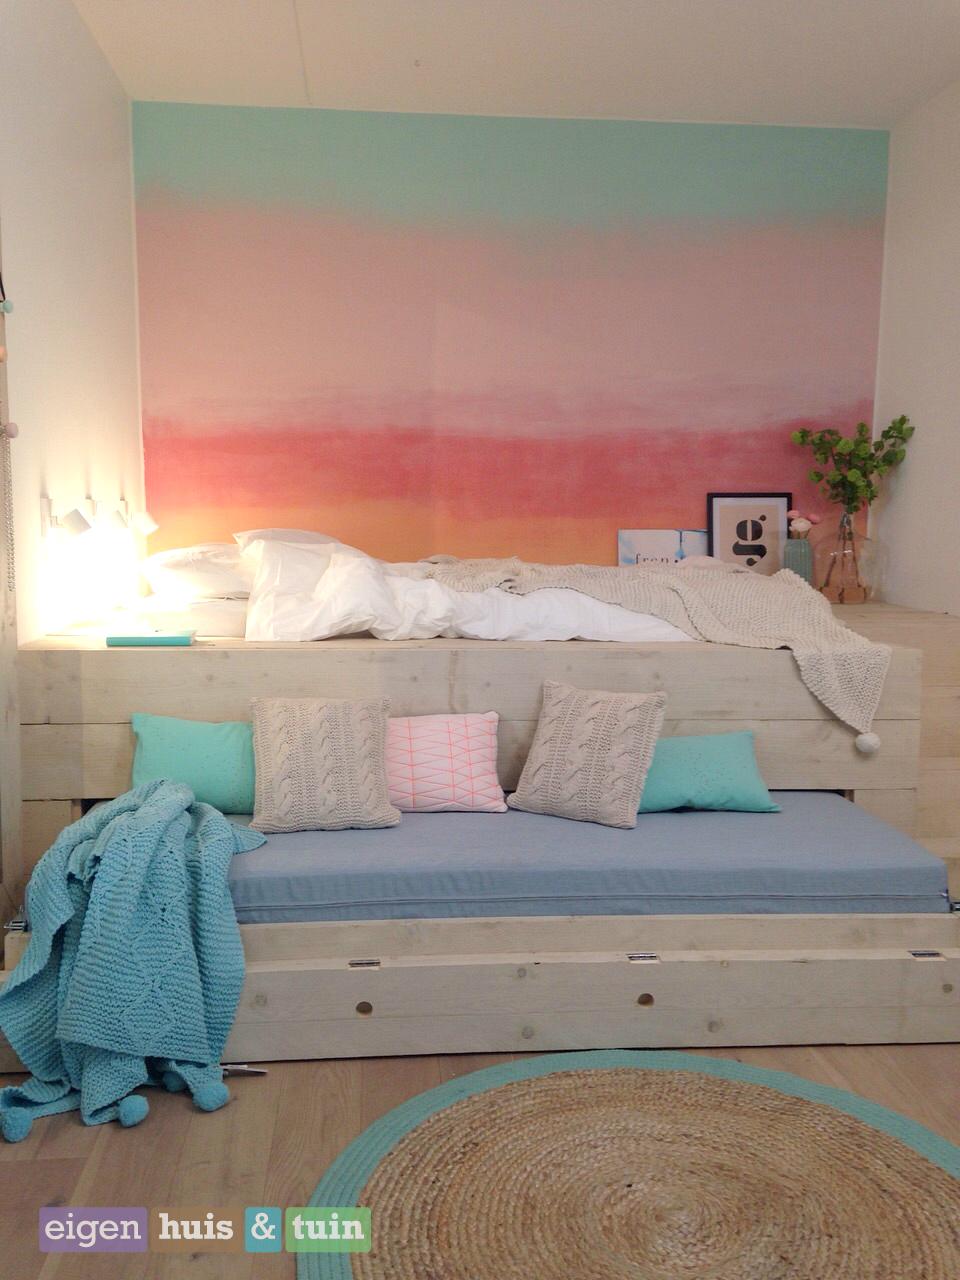 Ontwerp je eigen kamer for Eigen kamer ontwerpen 3d